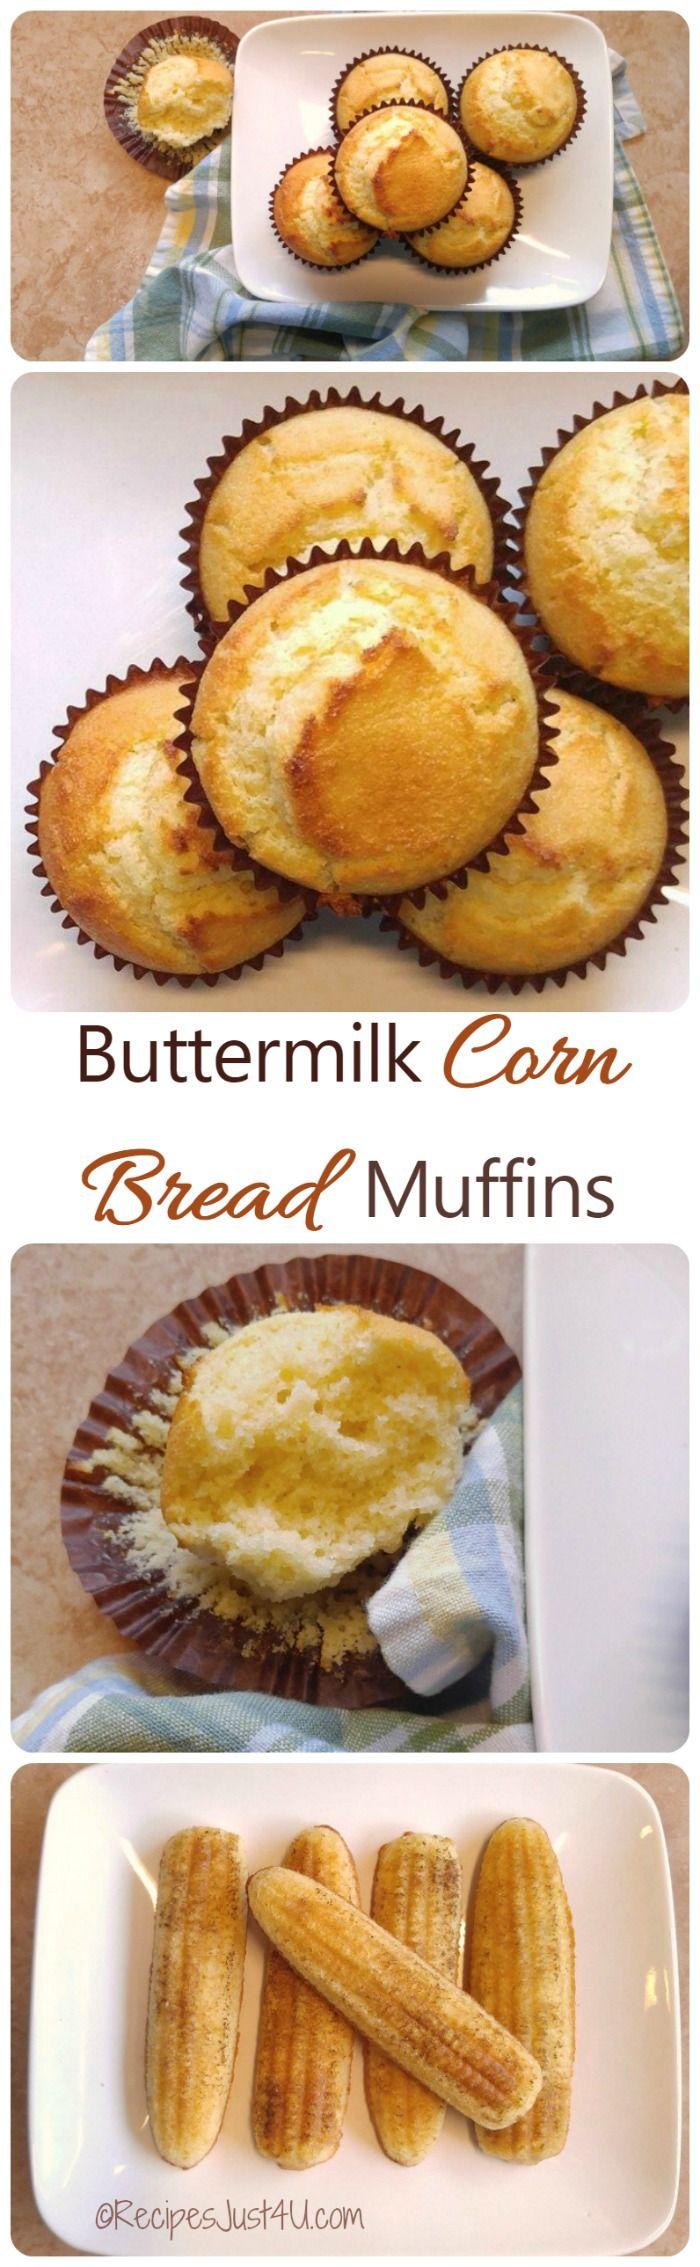 Buttermilk Corn Bread Muffins Recipe Great Comfort Food Side Dish Recipe Buttermilk Recipes Food Muffin Recipes